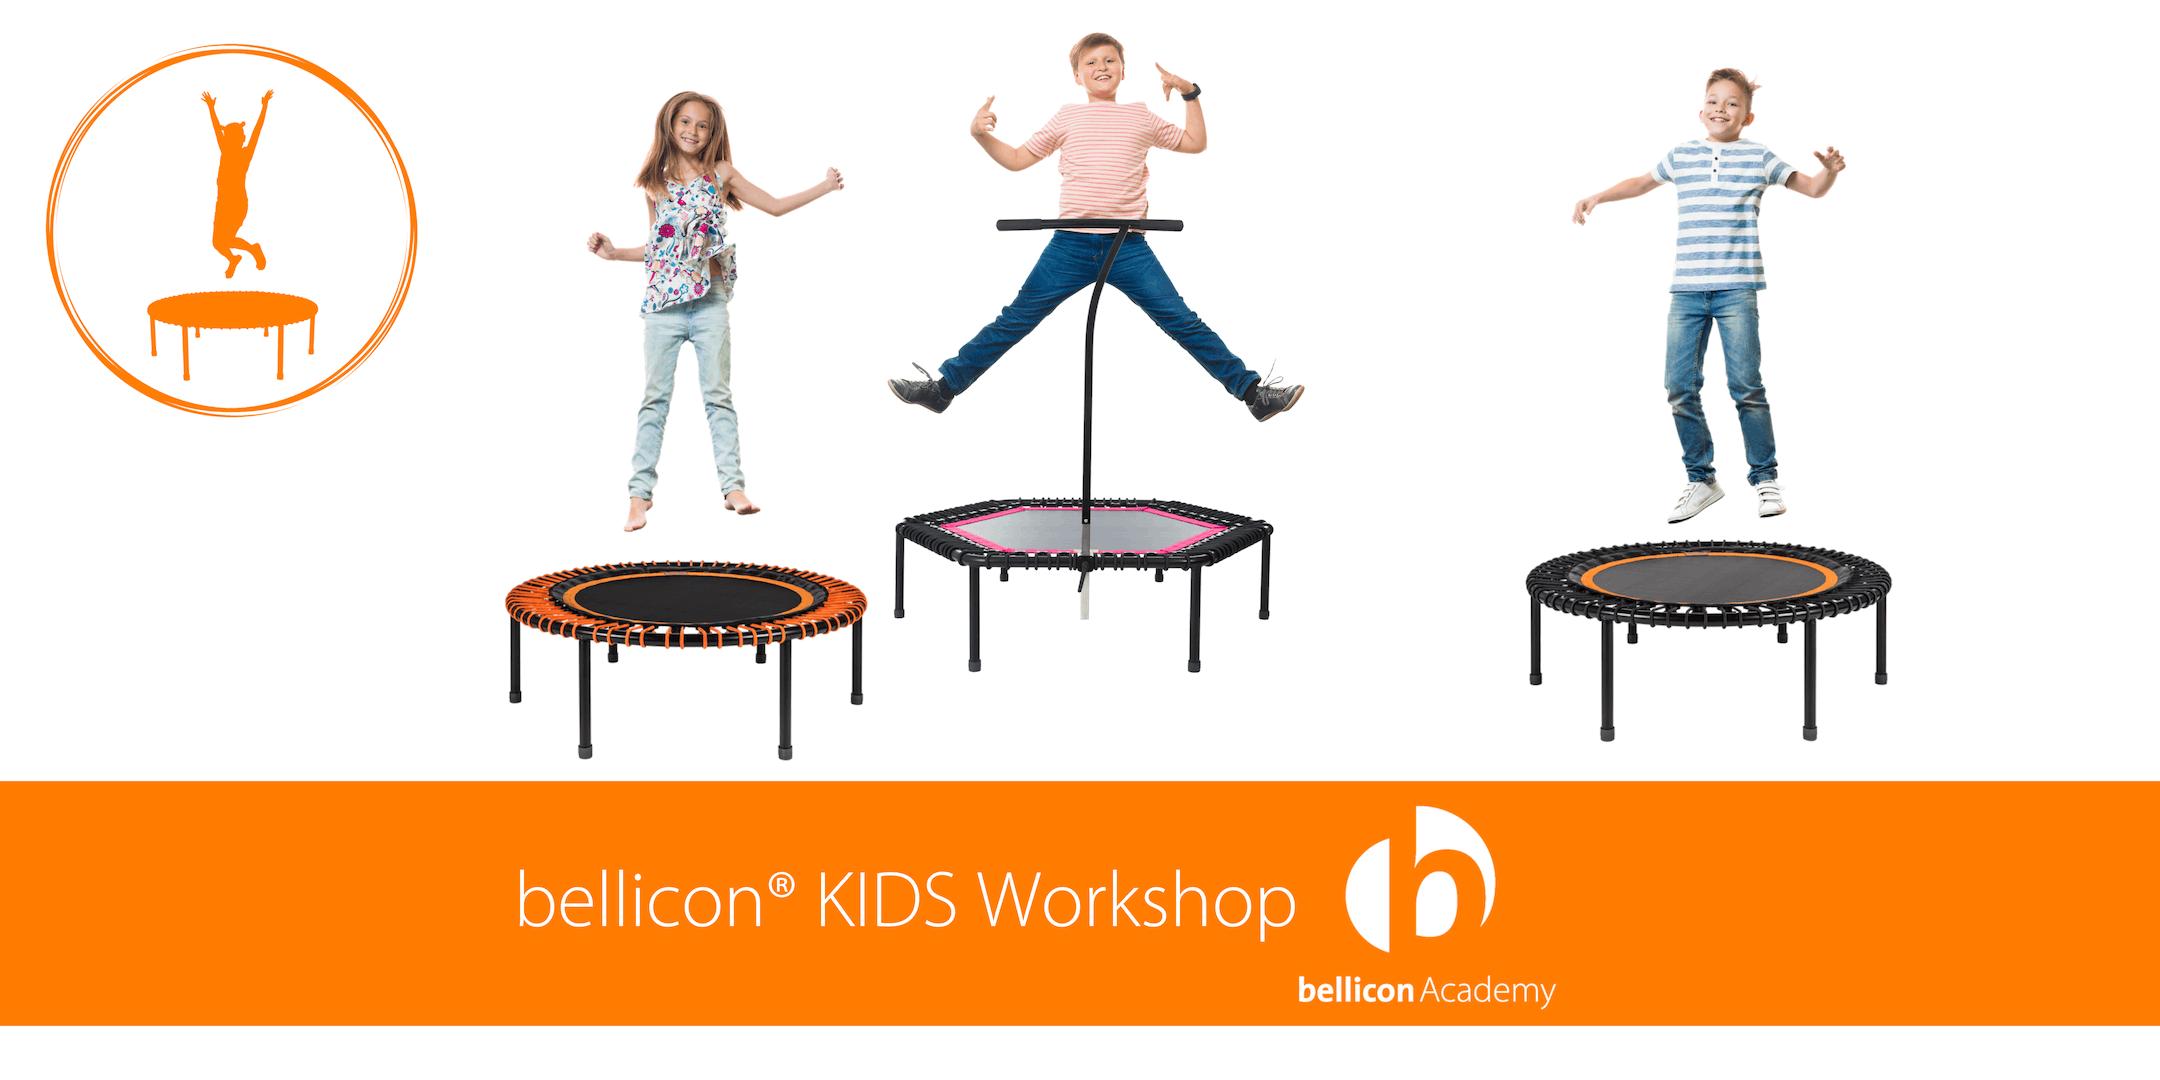 bellicon® KIDS Workshop (Luzern)